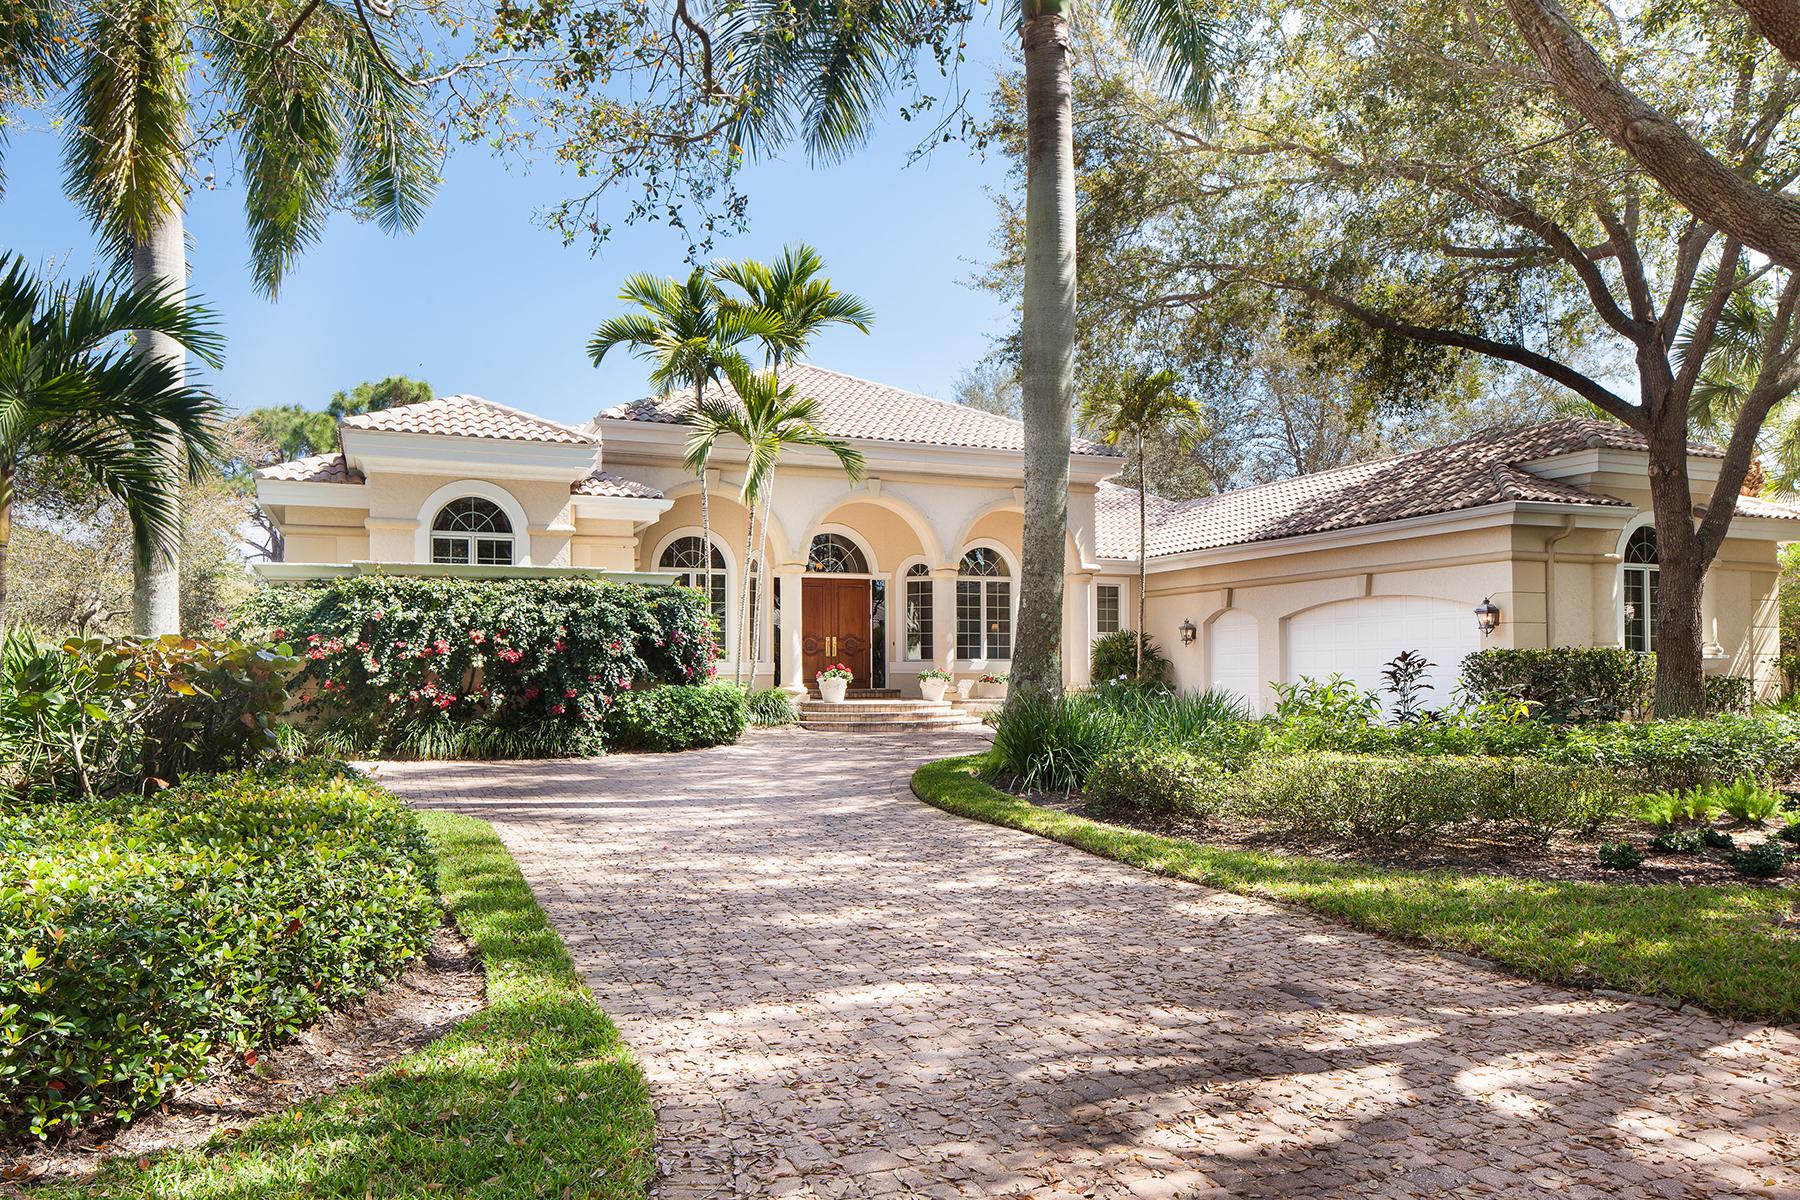 Casa para uma família para Venda às COLLIERS RESERVE 1005 Barcarmil Way Naples, Florida 34110 Estados Unidos